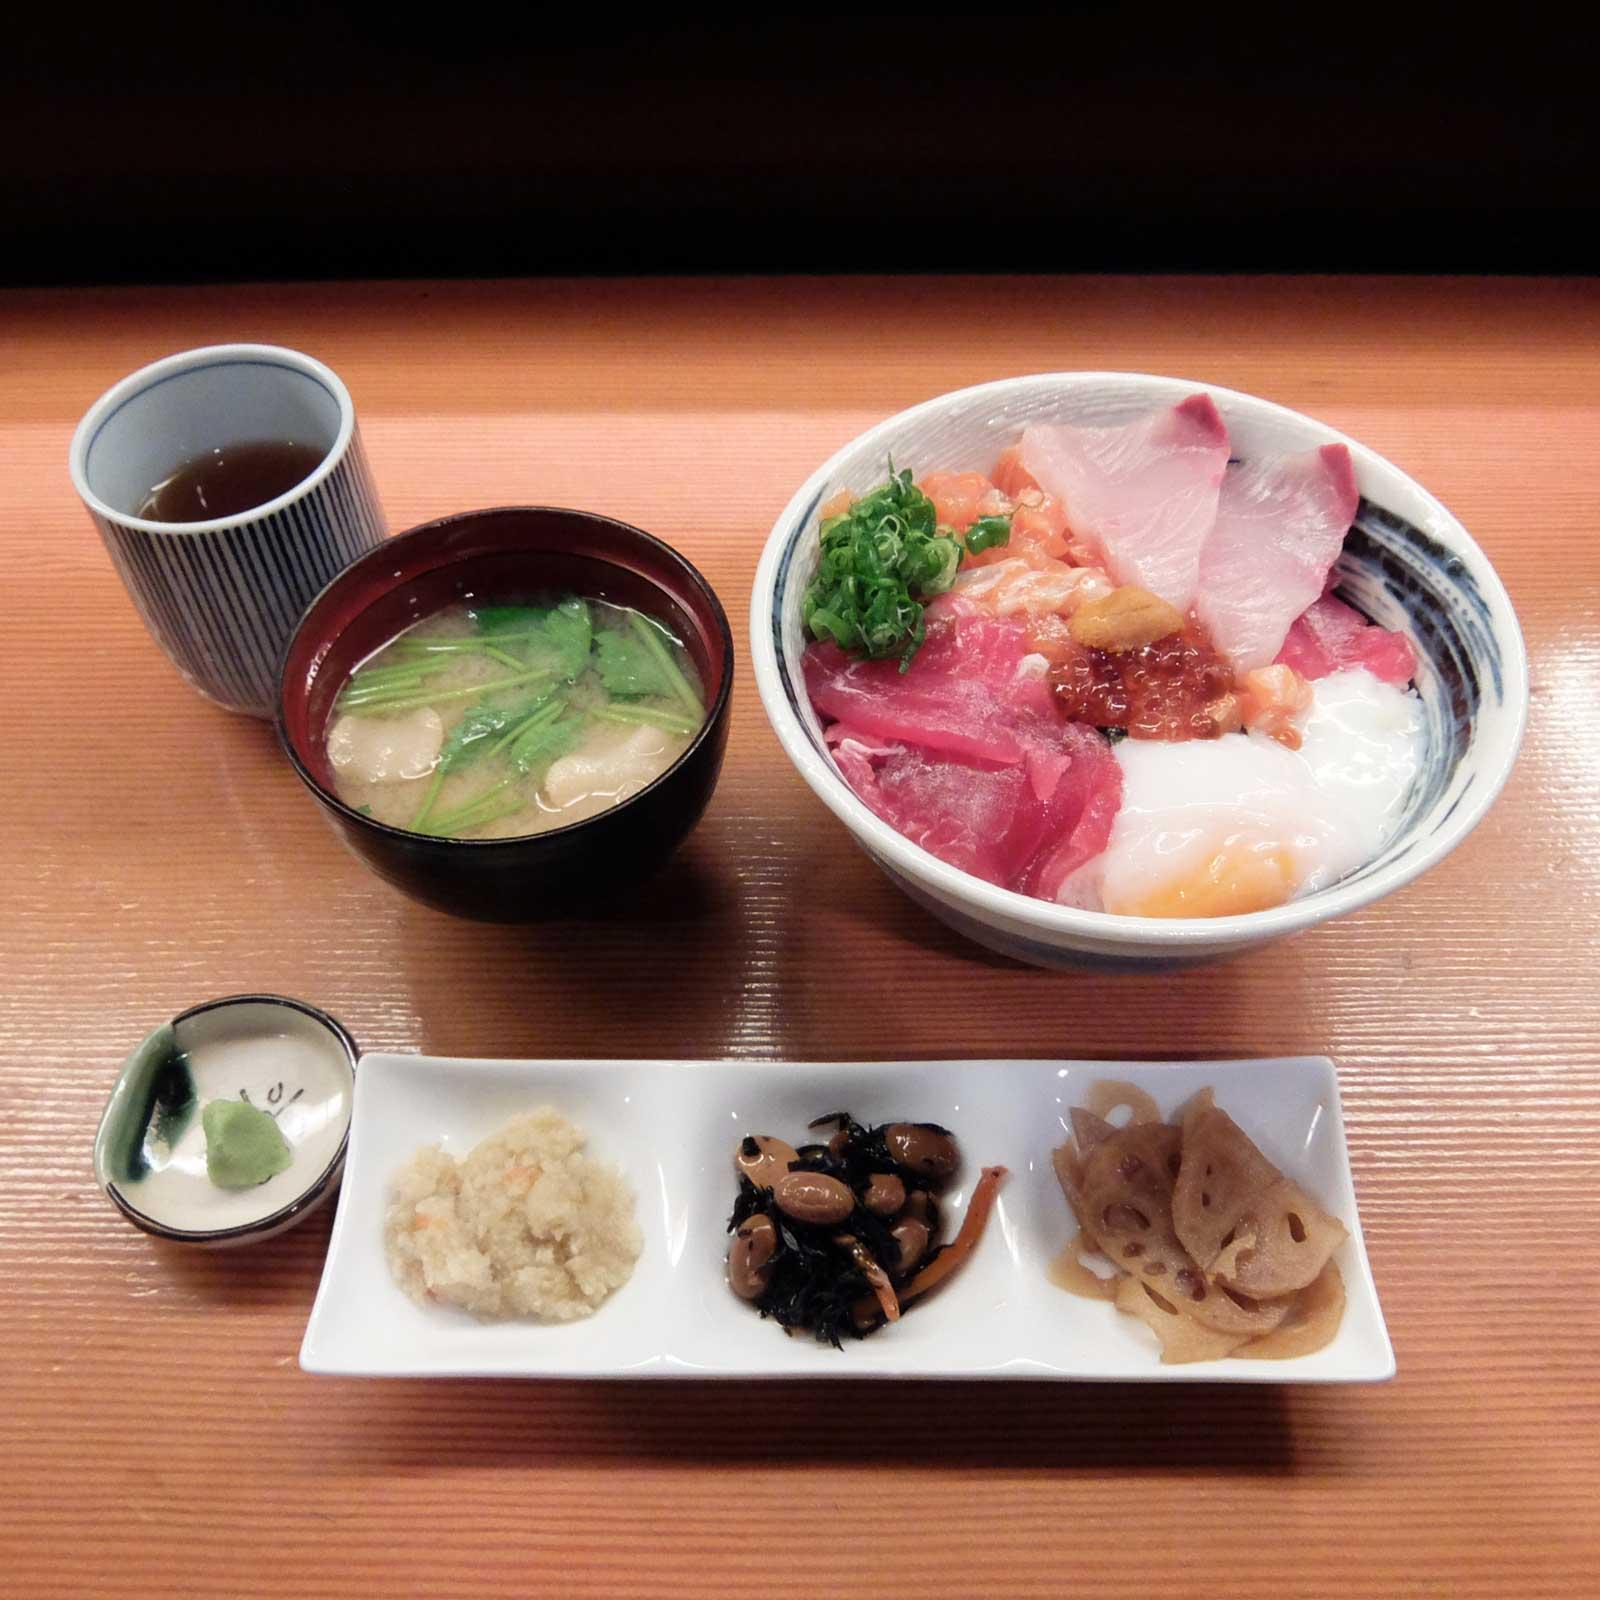 海鮮丼(並)「割烹 秋やま」in 北新地 梅田 大阪